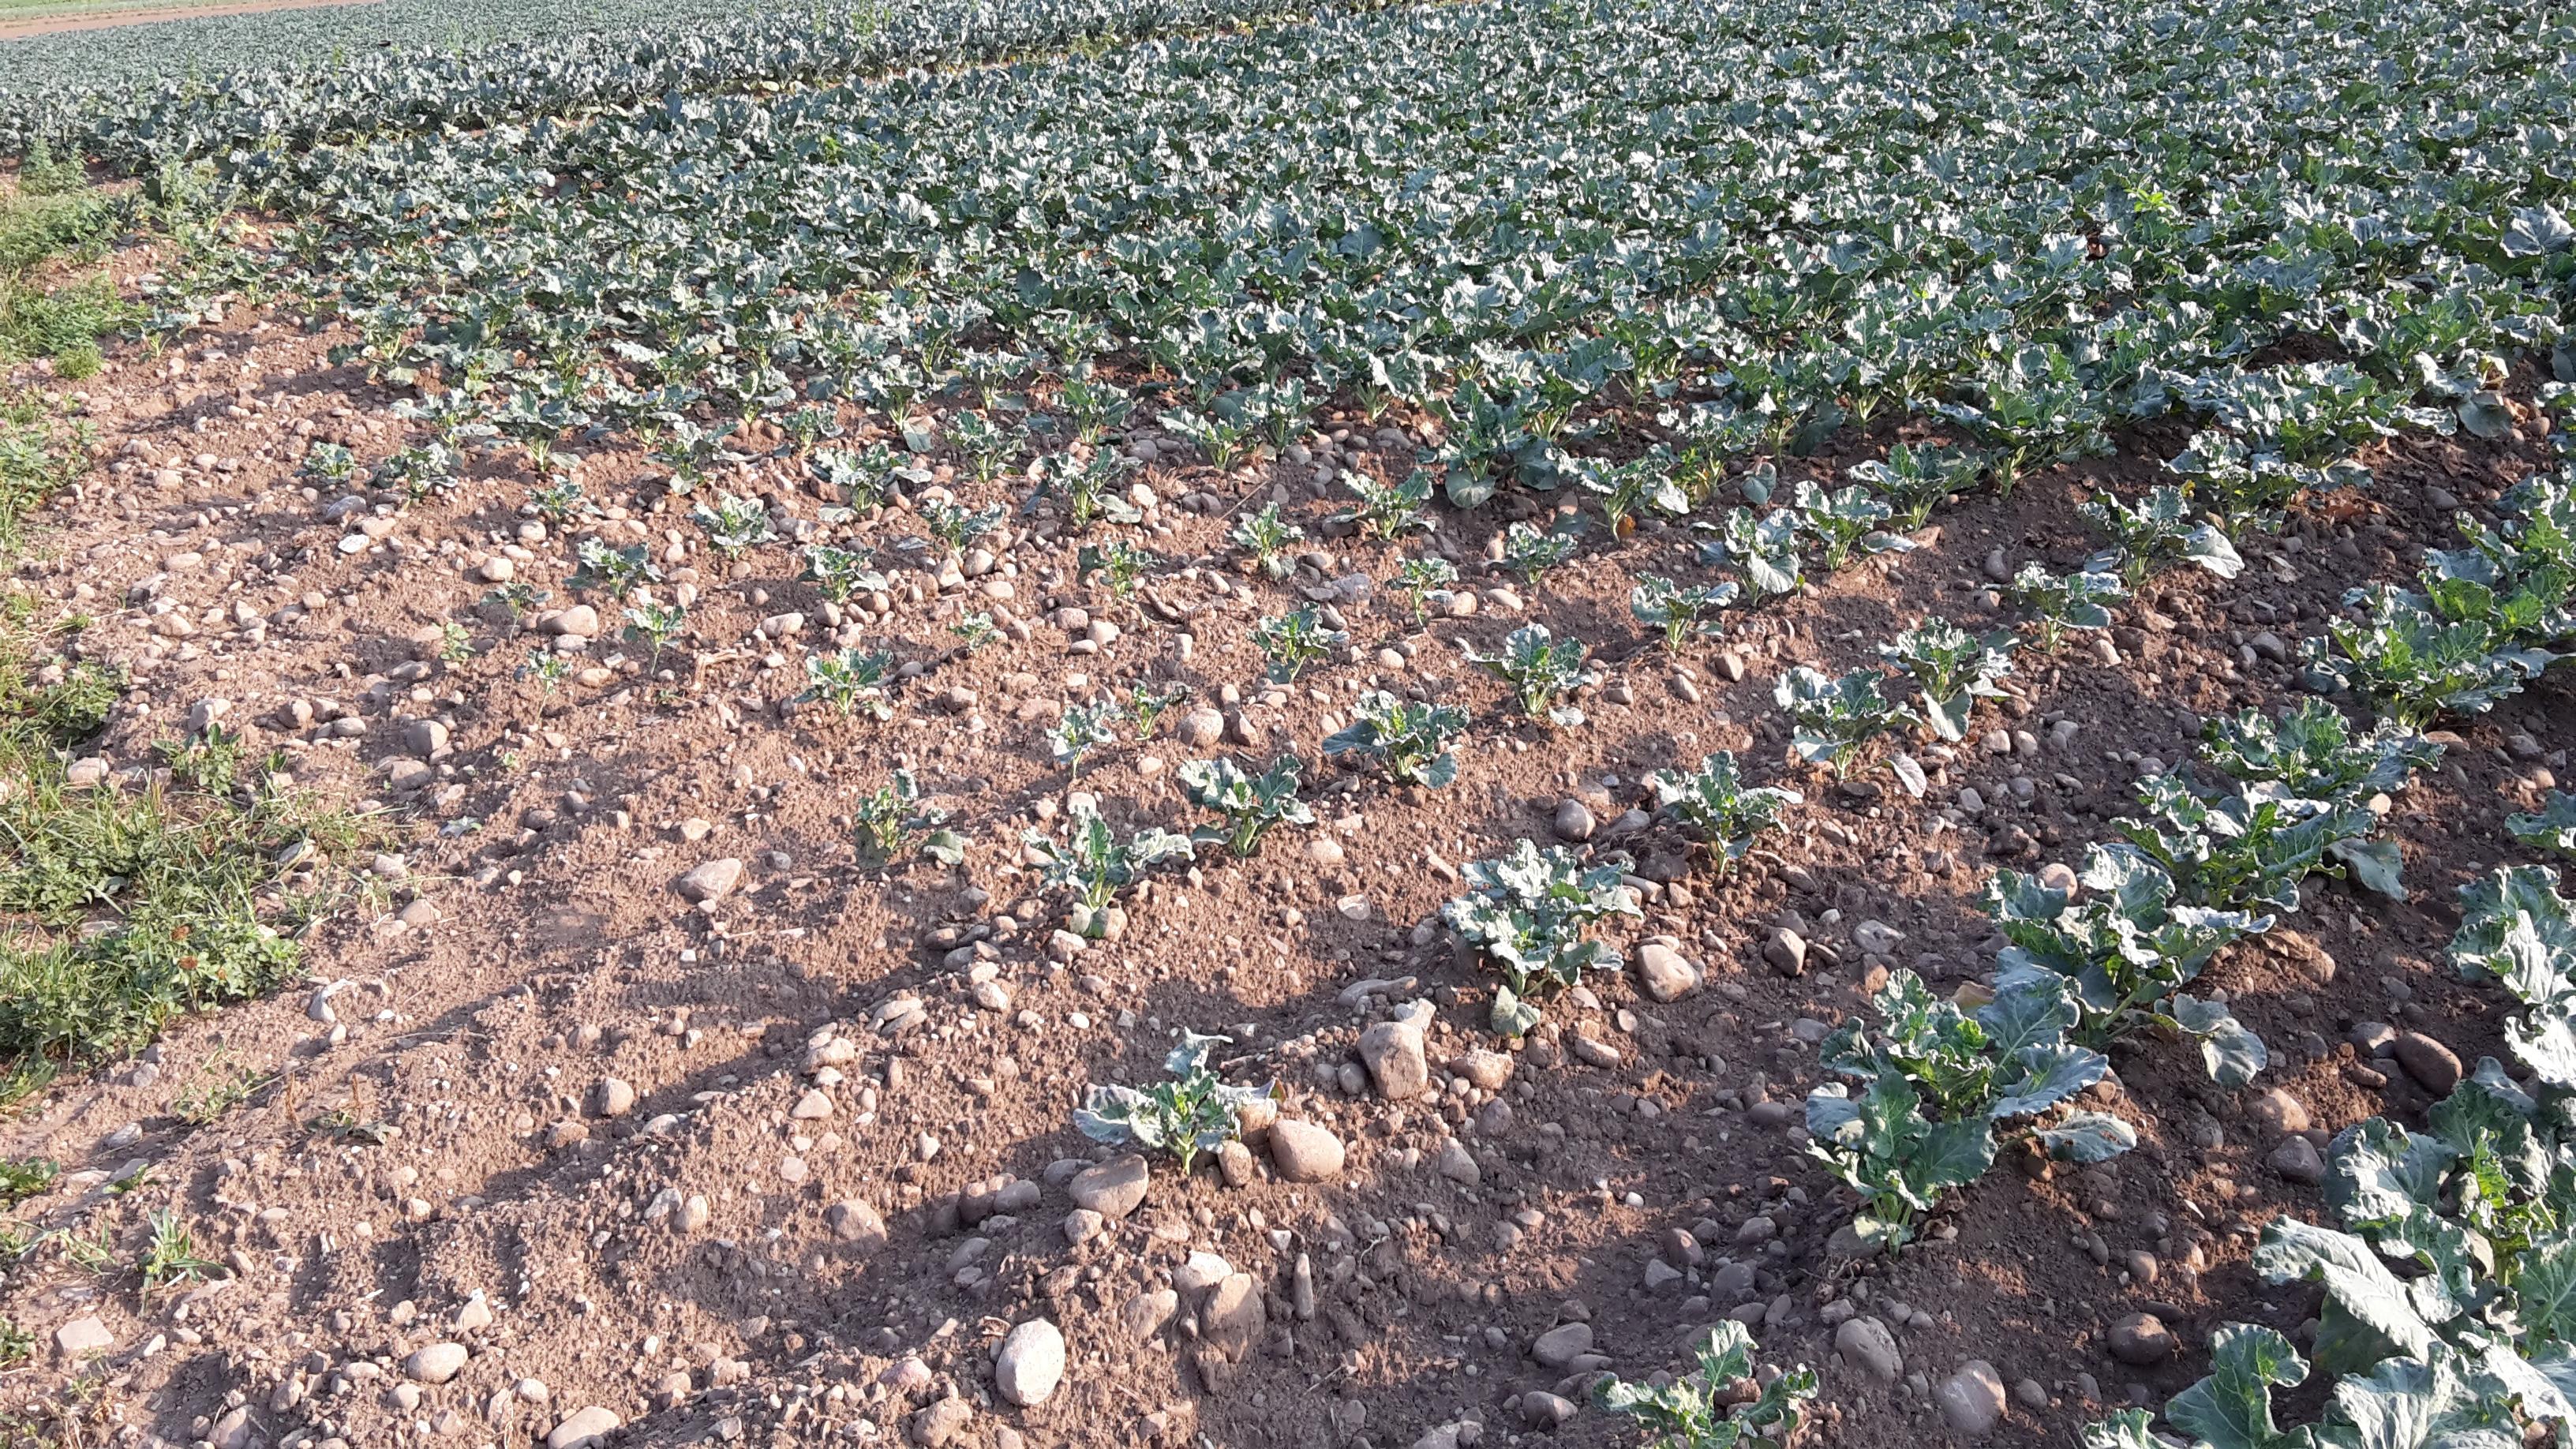 Die Bewässerung entscheidet momentan über das Pflanzenwachstum. Reichen die Sprinkler nicht bis an den Feldrand wie hier, ist das Wachstum deutlich verzögert.